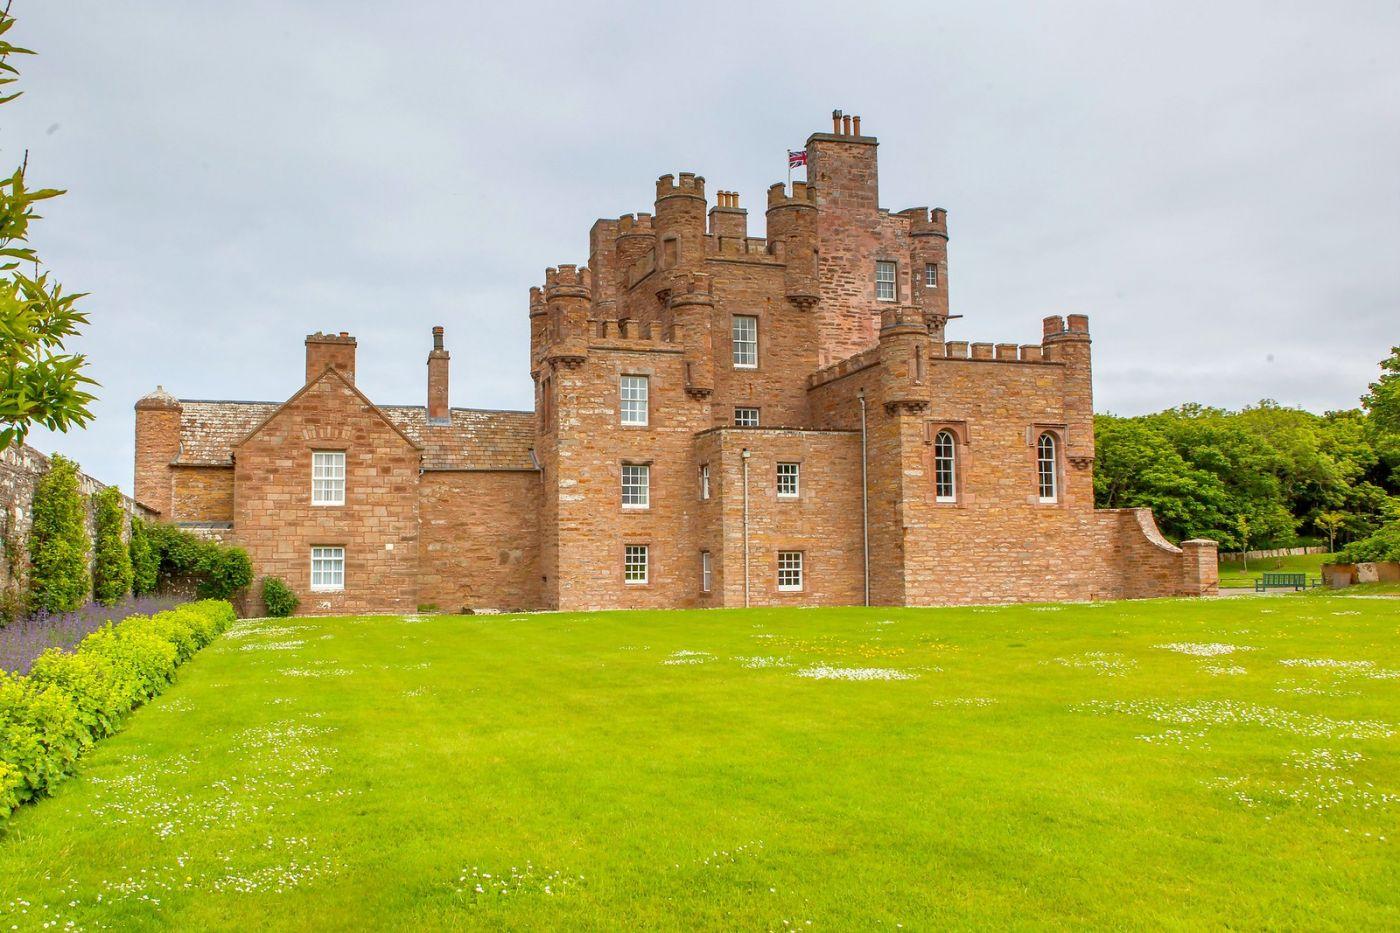 苏格兰梅城堡(Castle of Mey),五百年历史_图1-4